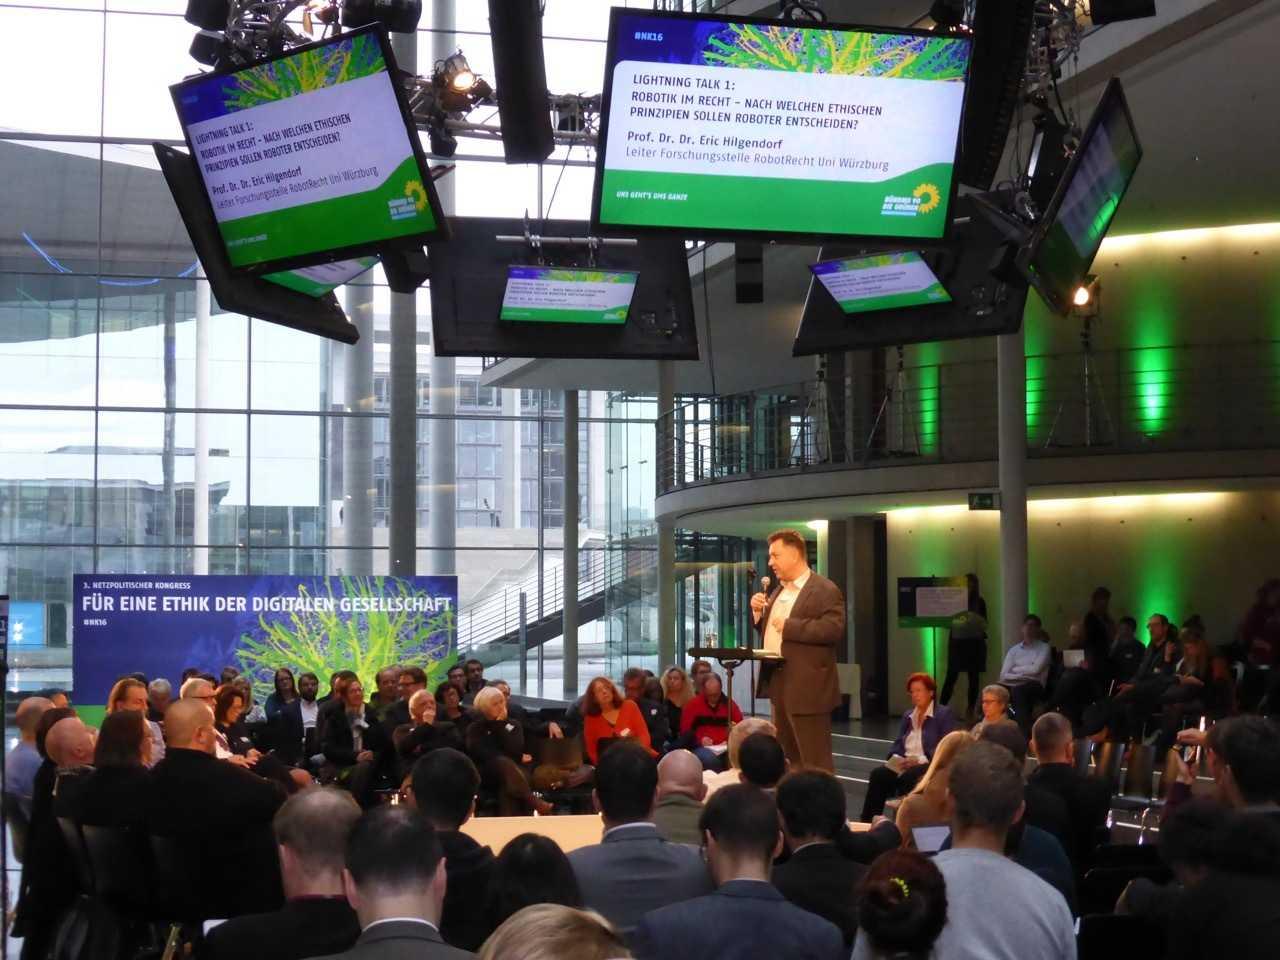 Netztpolitischer Kongress der Grünen